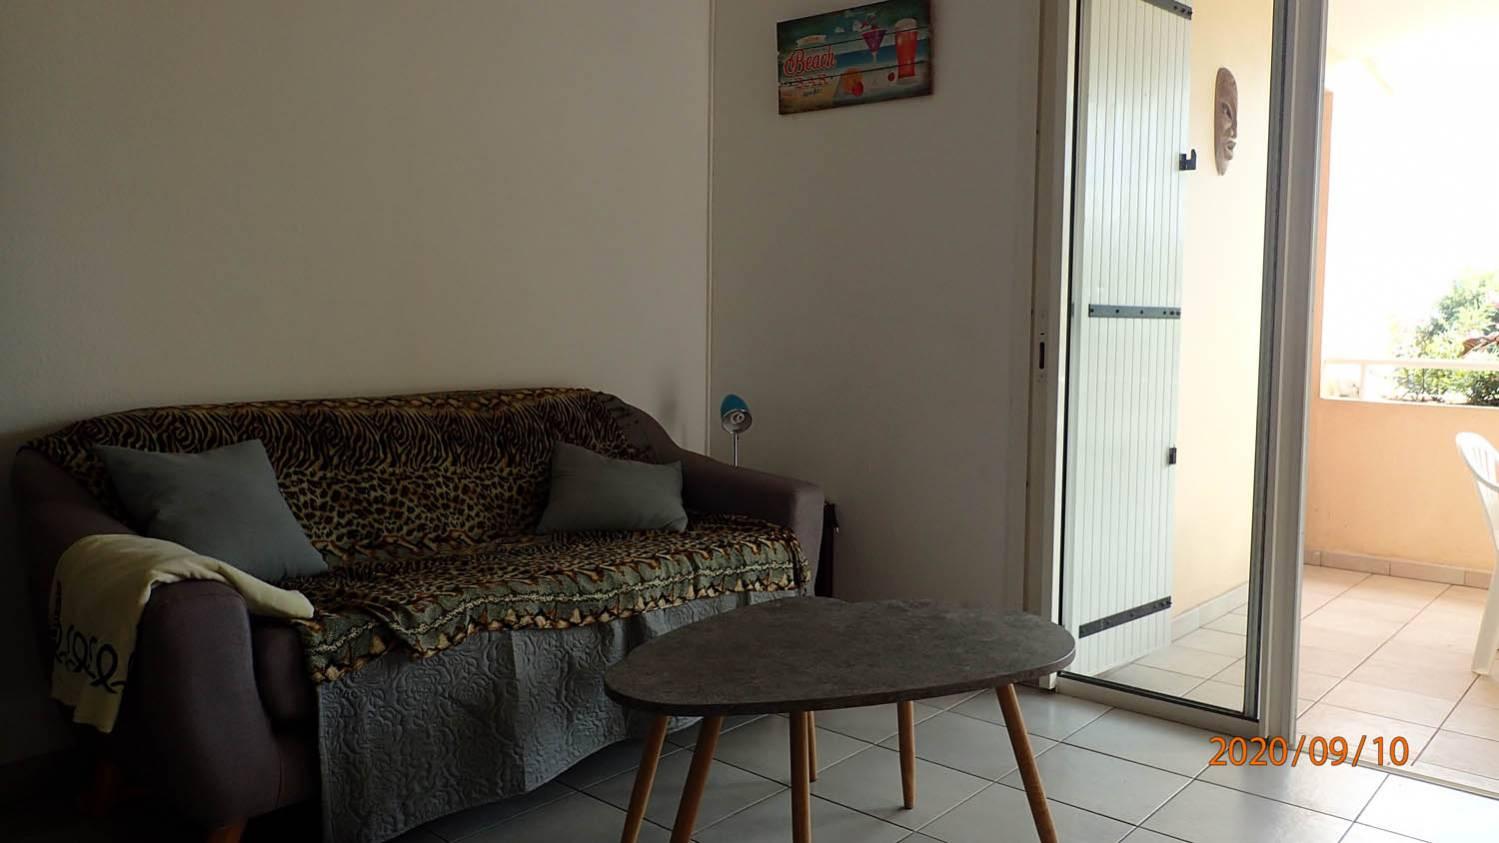 Appartement T1 Jardin de Corail à l'Ermitage L'Hermitage 974